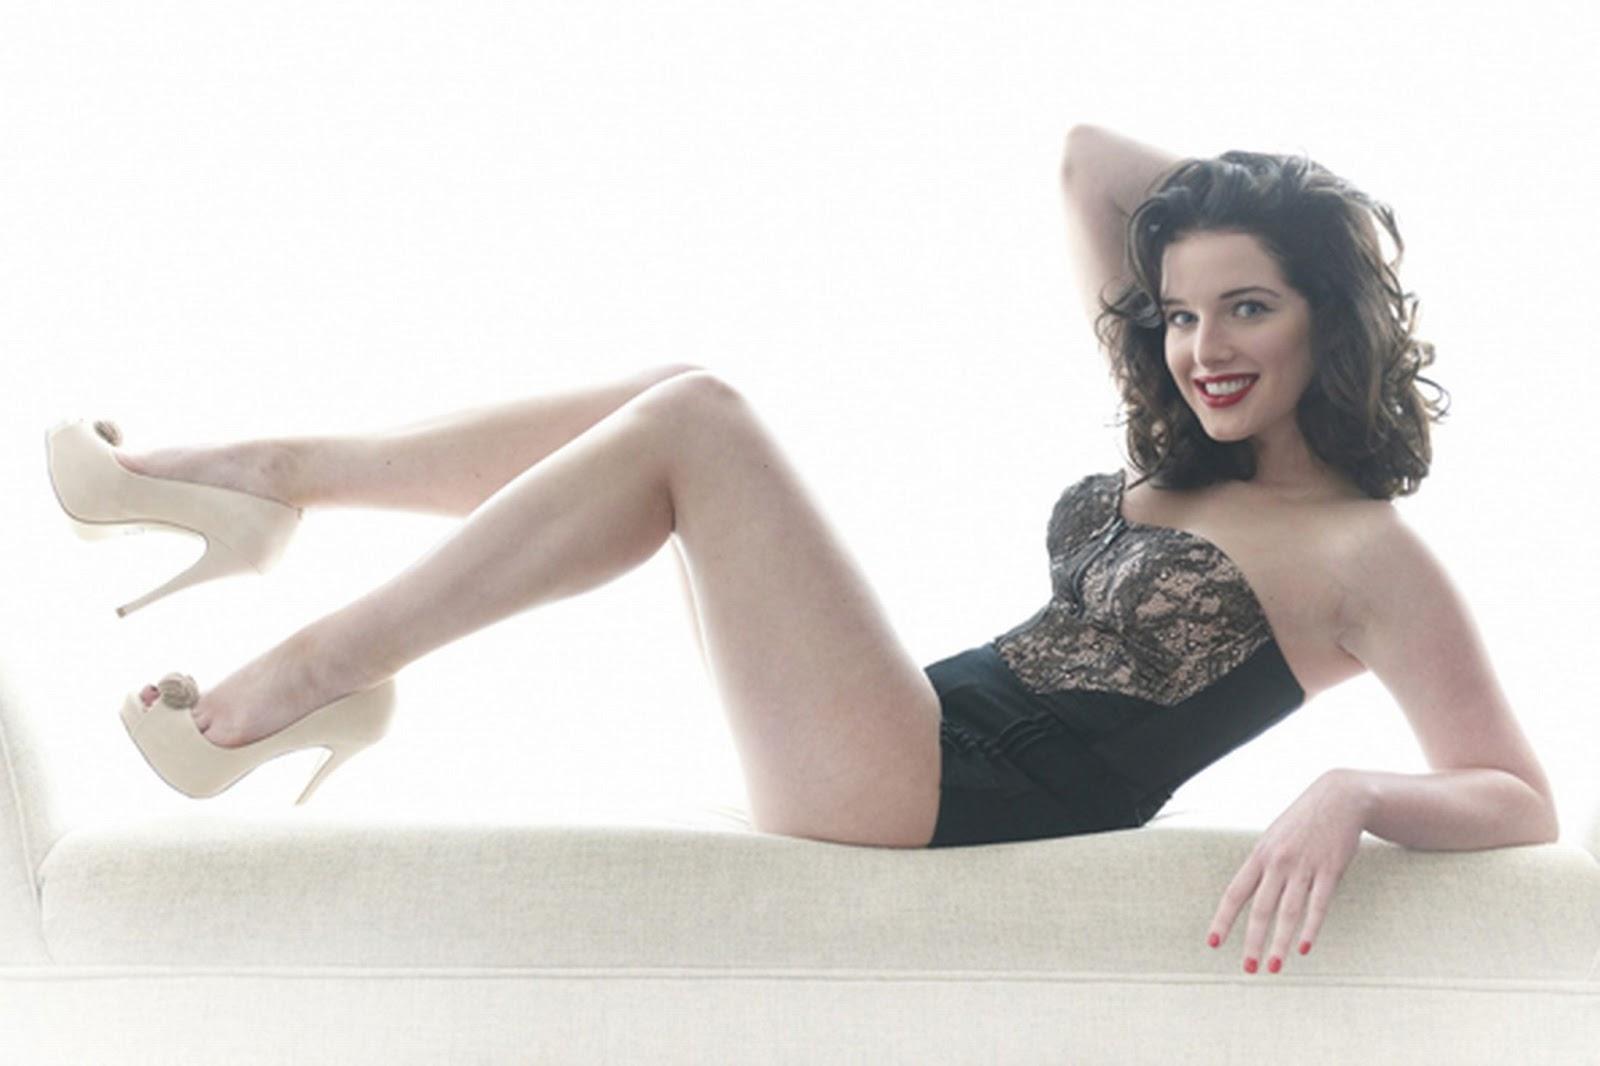 Barbara palvin sexy girl enhanced edition 3